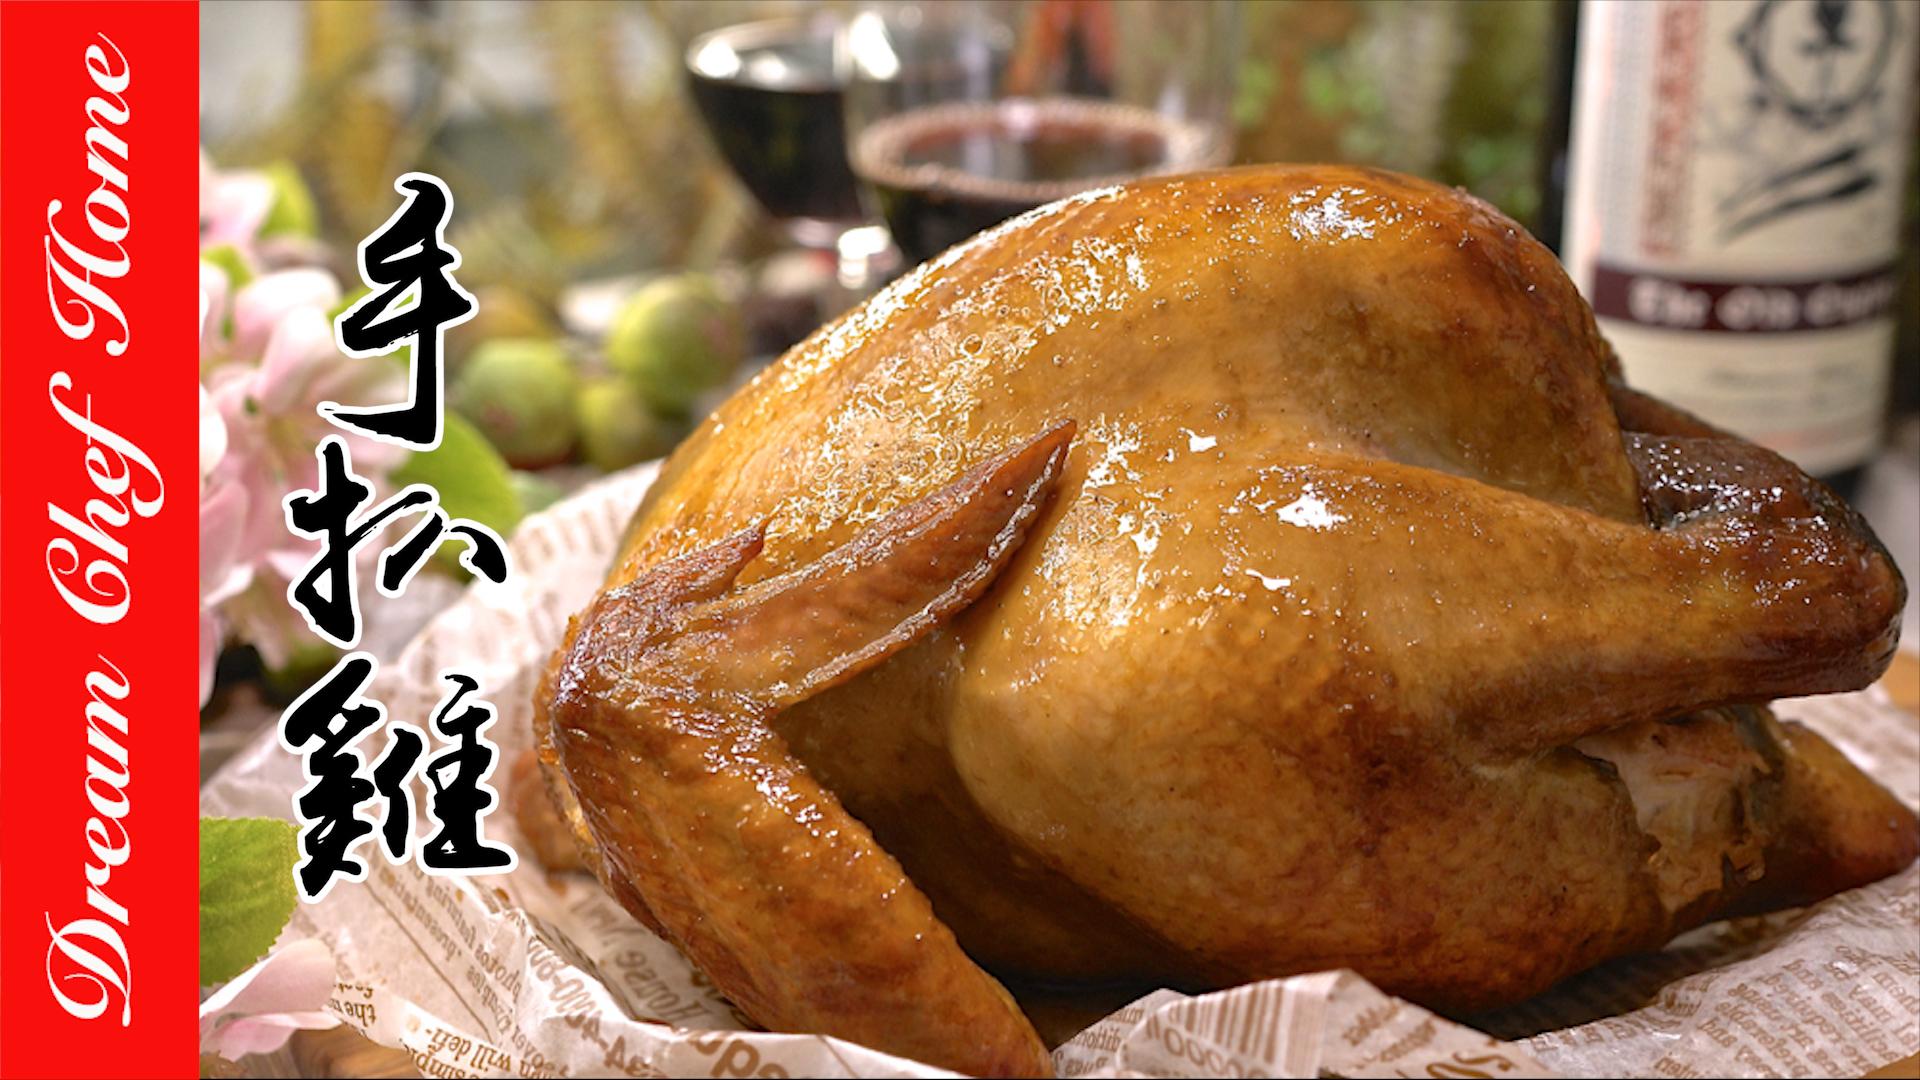 鮮嫩爆汁手扒雞,經典烤雞一次學會!脆皮烤雞